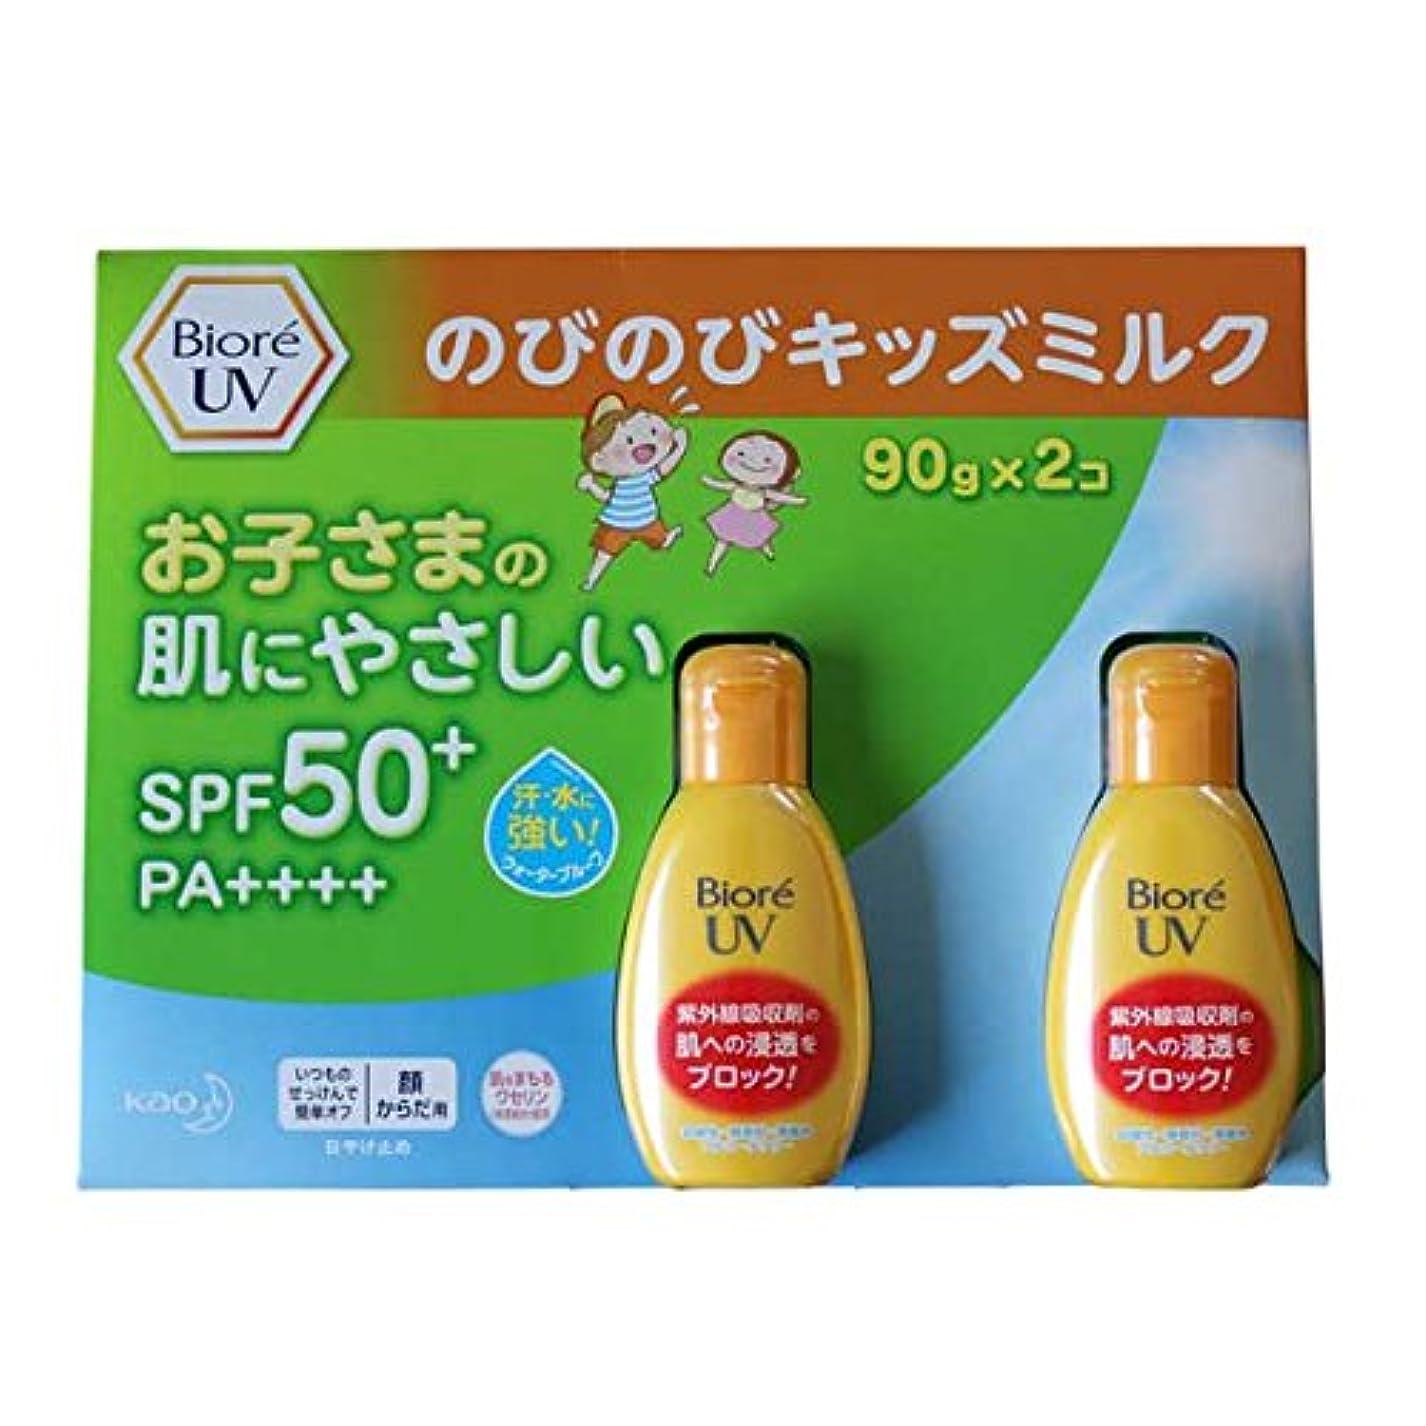 社説瀬戸際基礎花王 ビオレ UV のびのびキッズミルク 日焼け止め乳液 SPF50+ PA++++ 90gx2本セット 強力紫外線カット